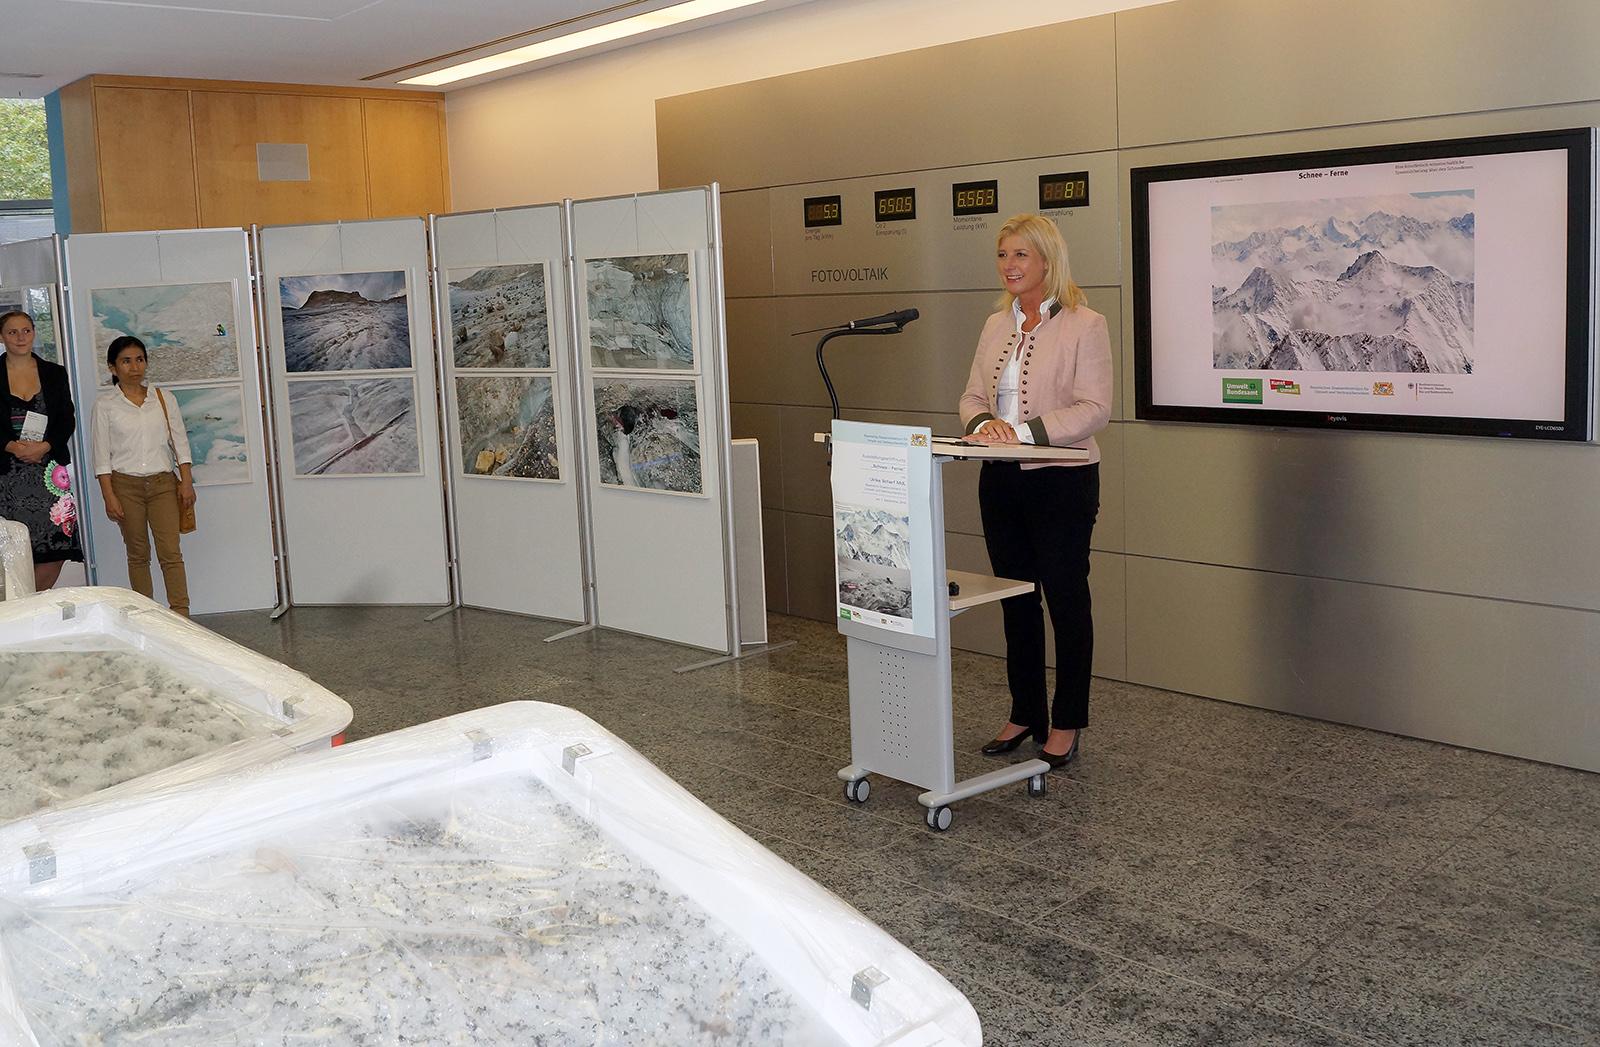 Staatsministerin Ulrike Scharf an einem Rednerpult. Um sie herum die ausgestellten Fotografien.